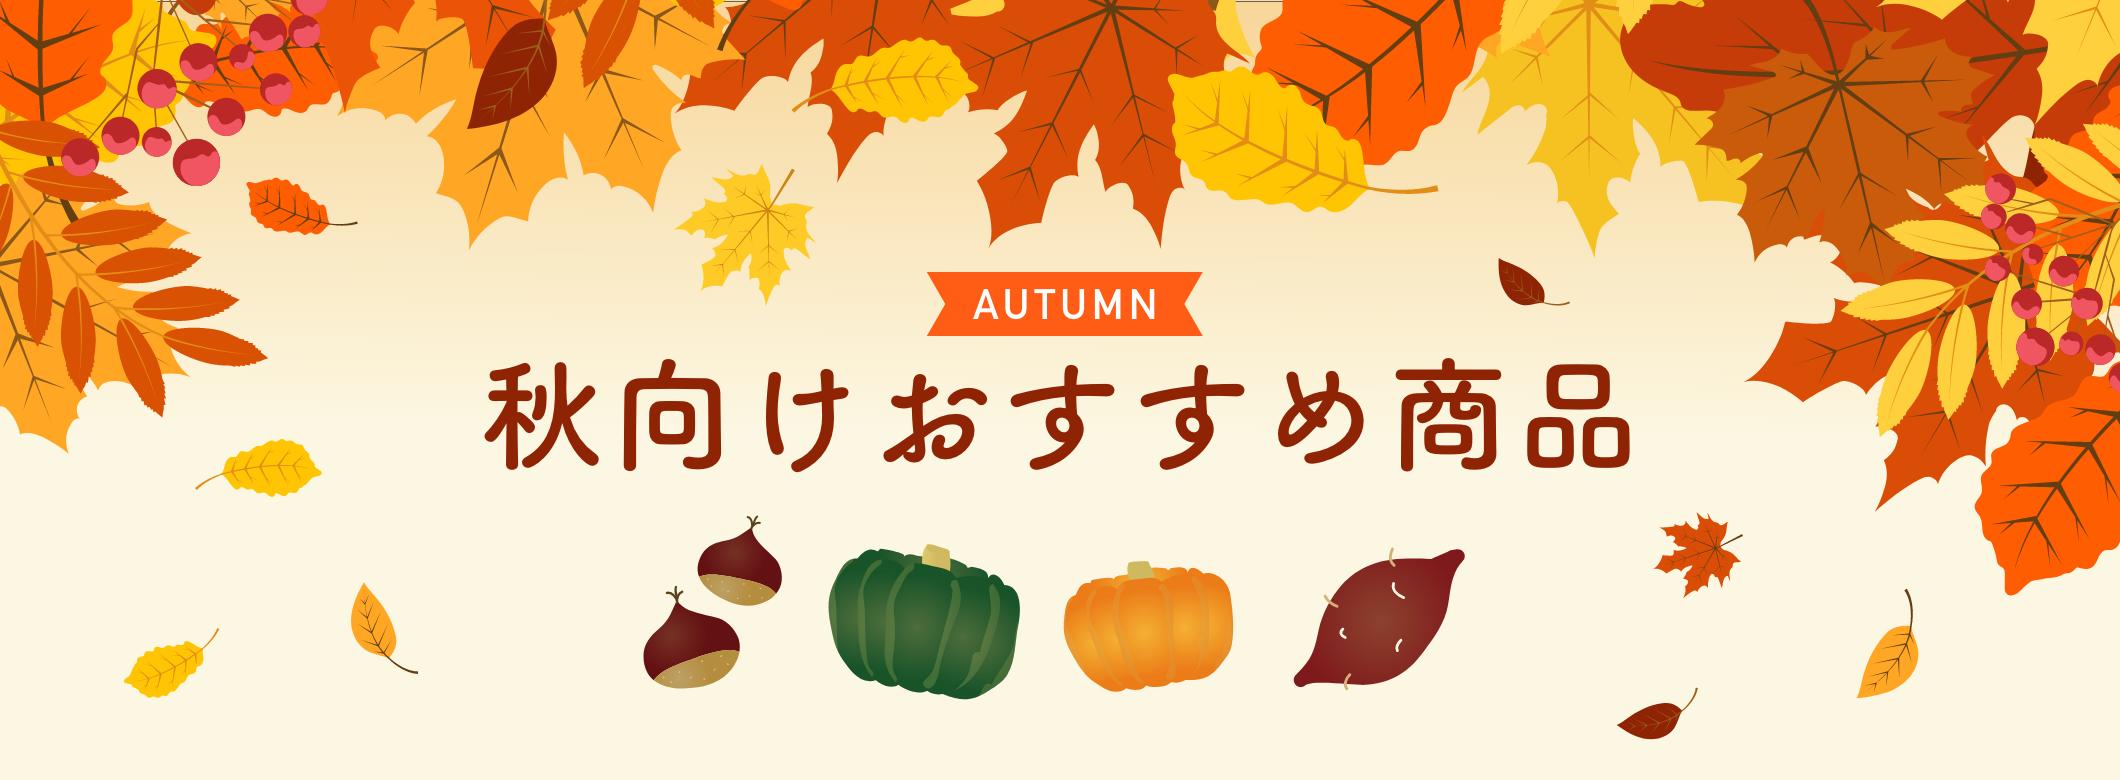 秋向けおすすめ商品